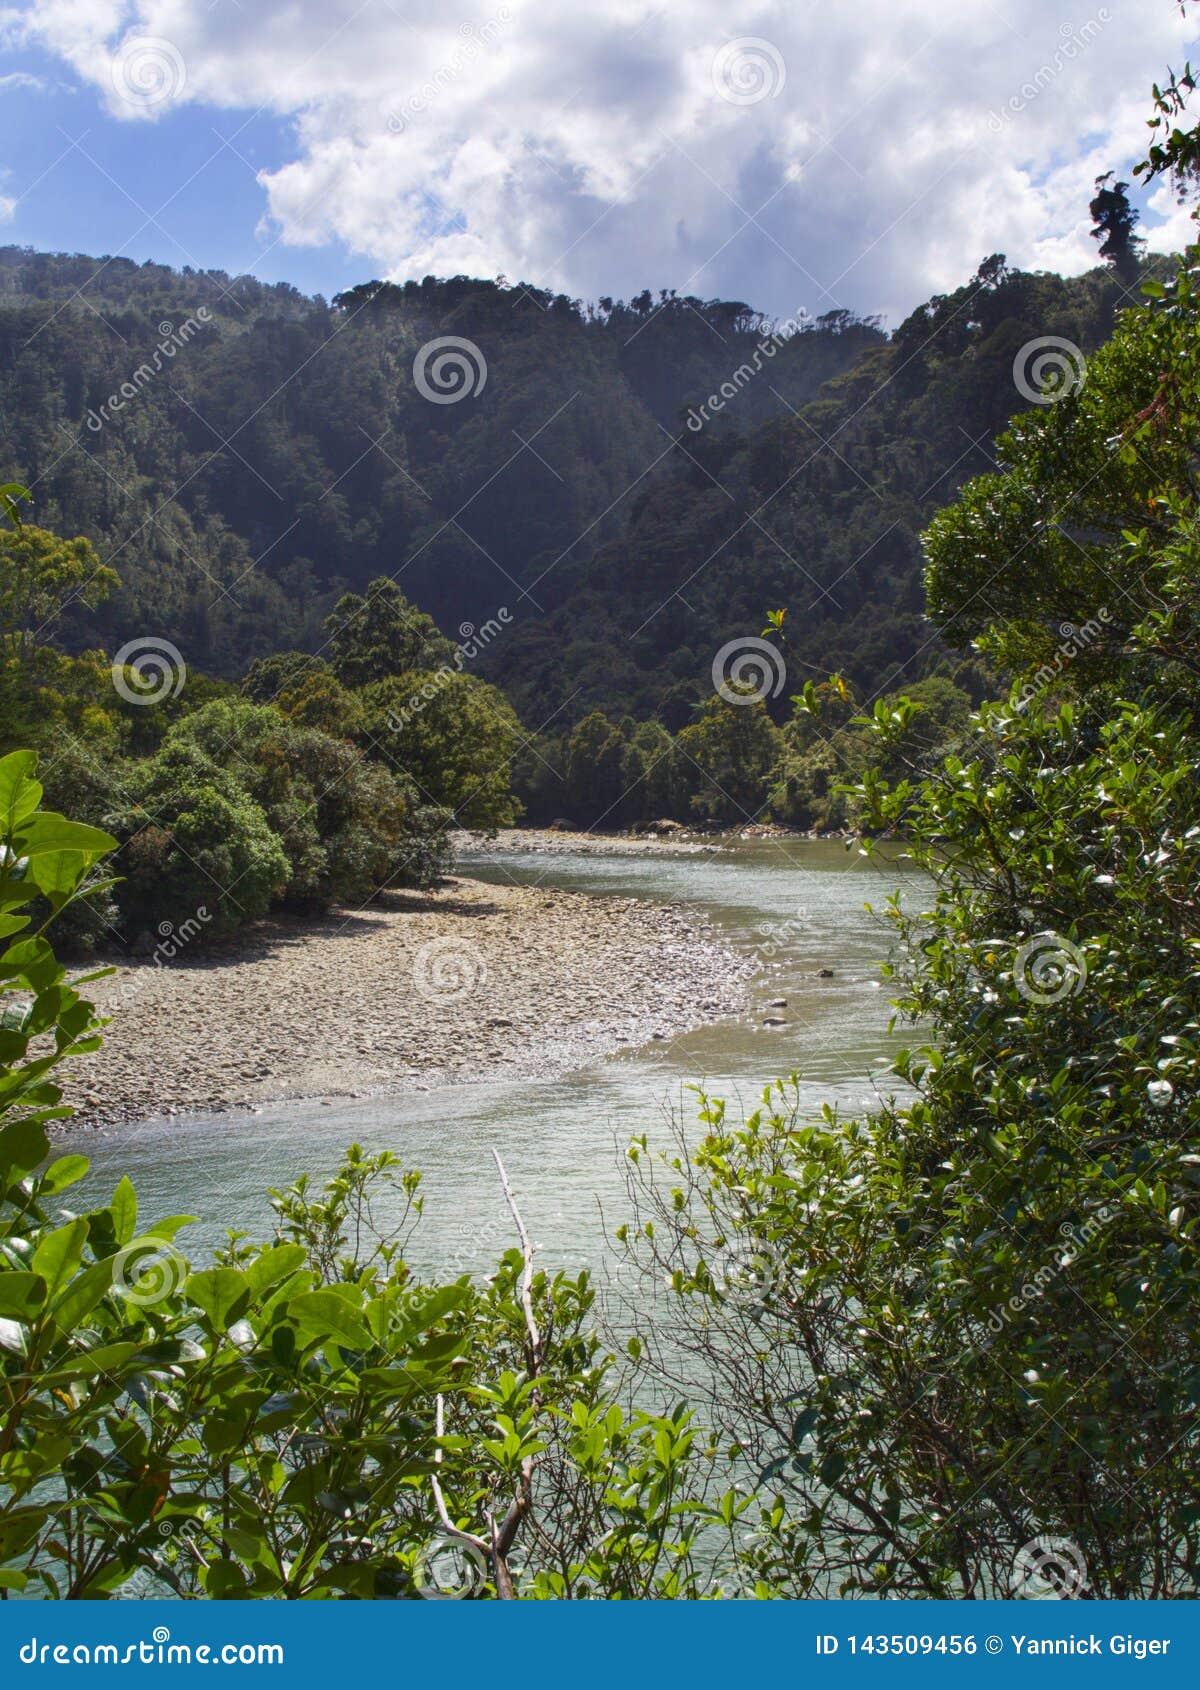 Courbures et courbes de rivière par la région sauvage boisée au Nouvelle-Zélande